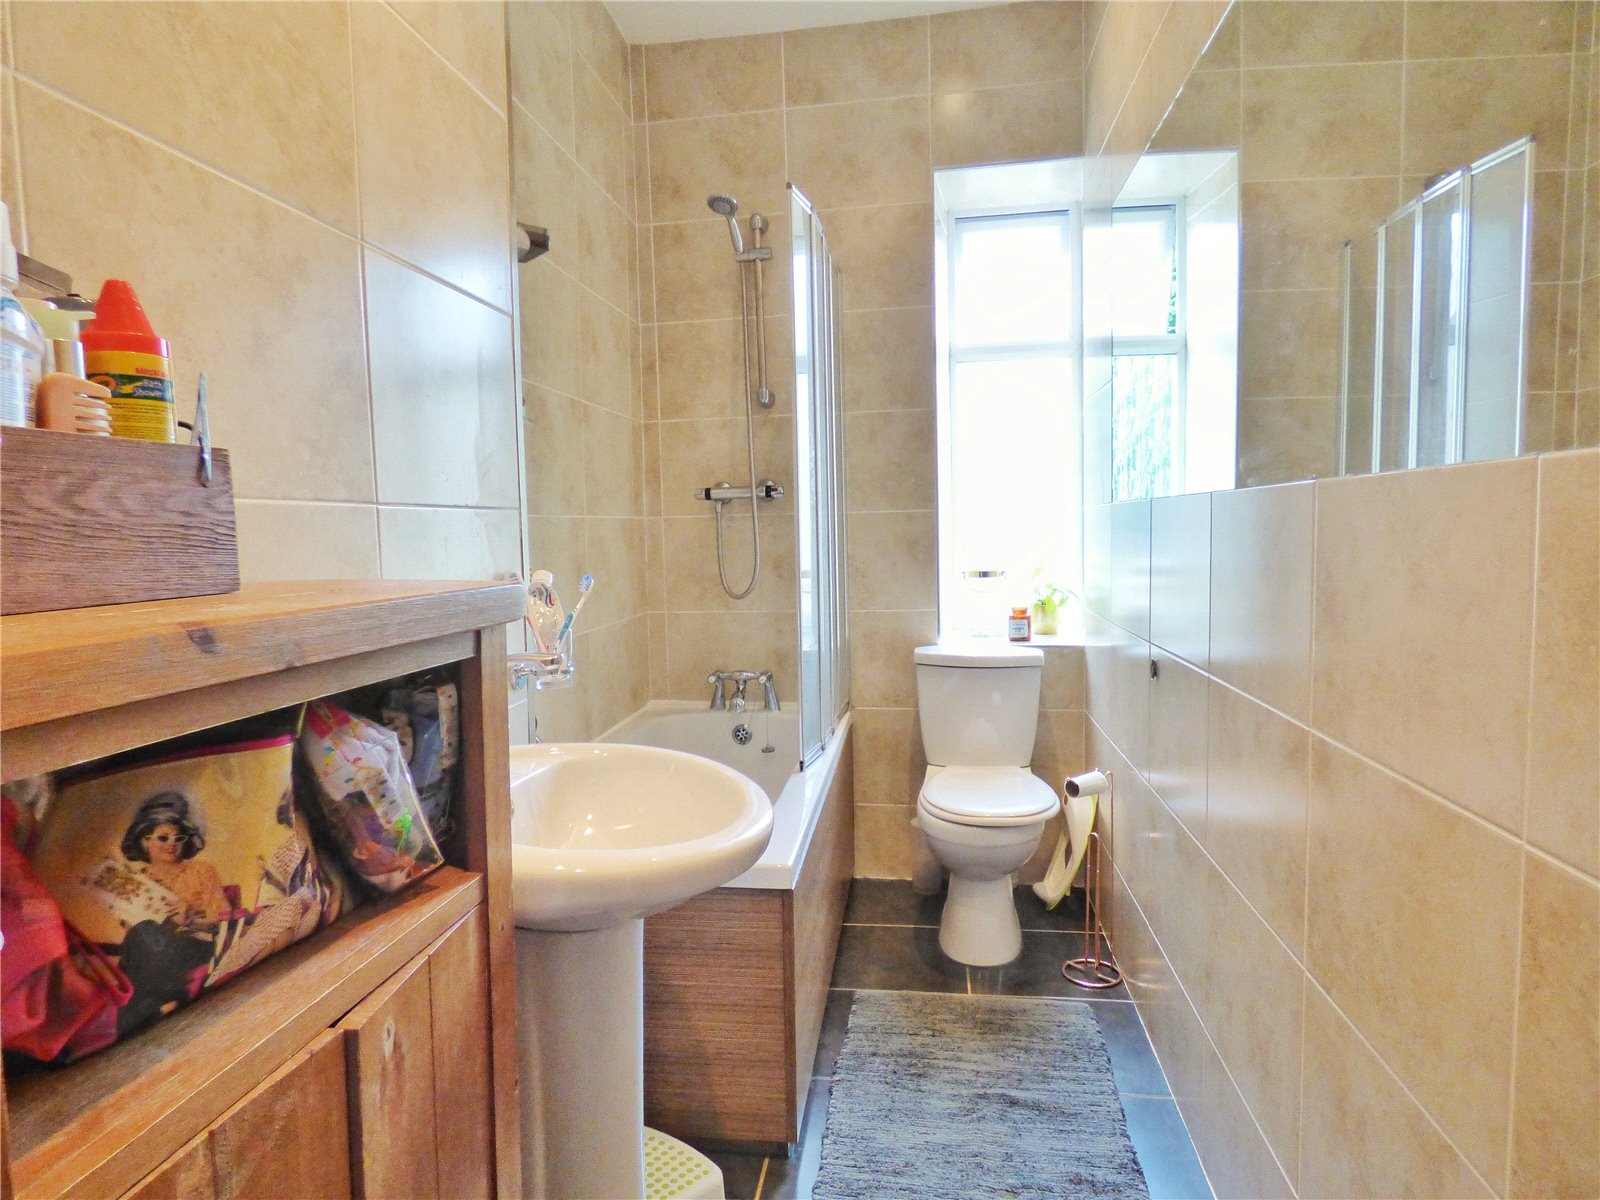 Tiled Bathroom: